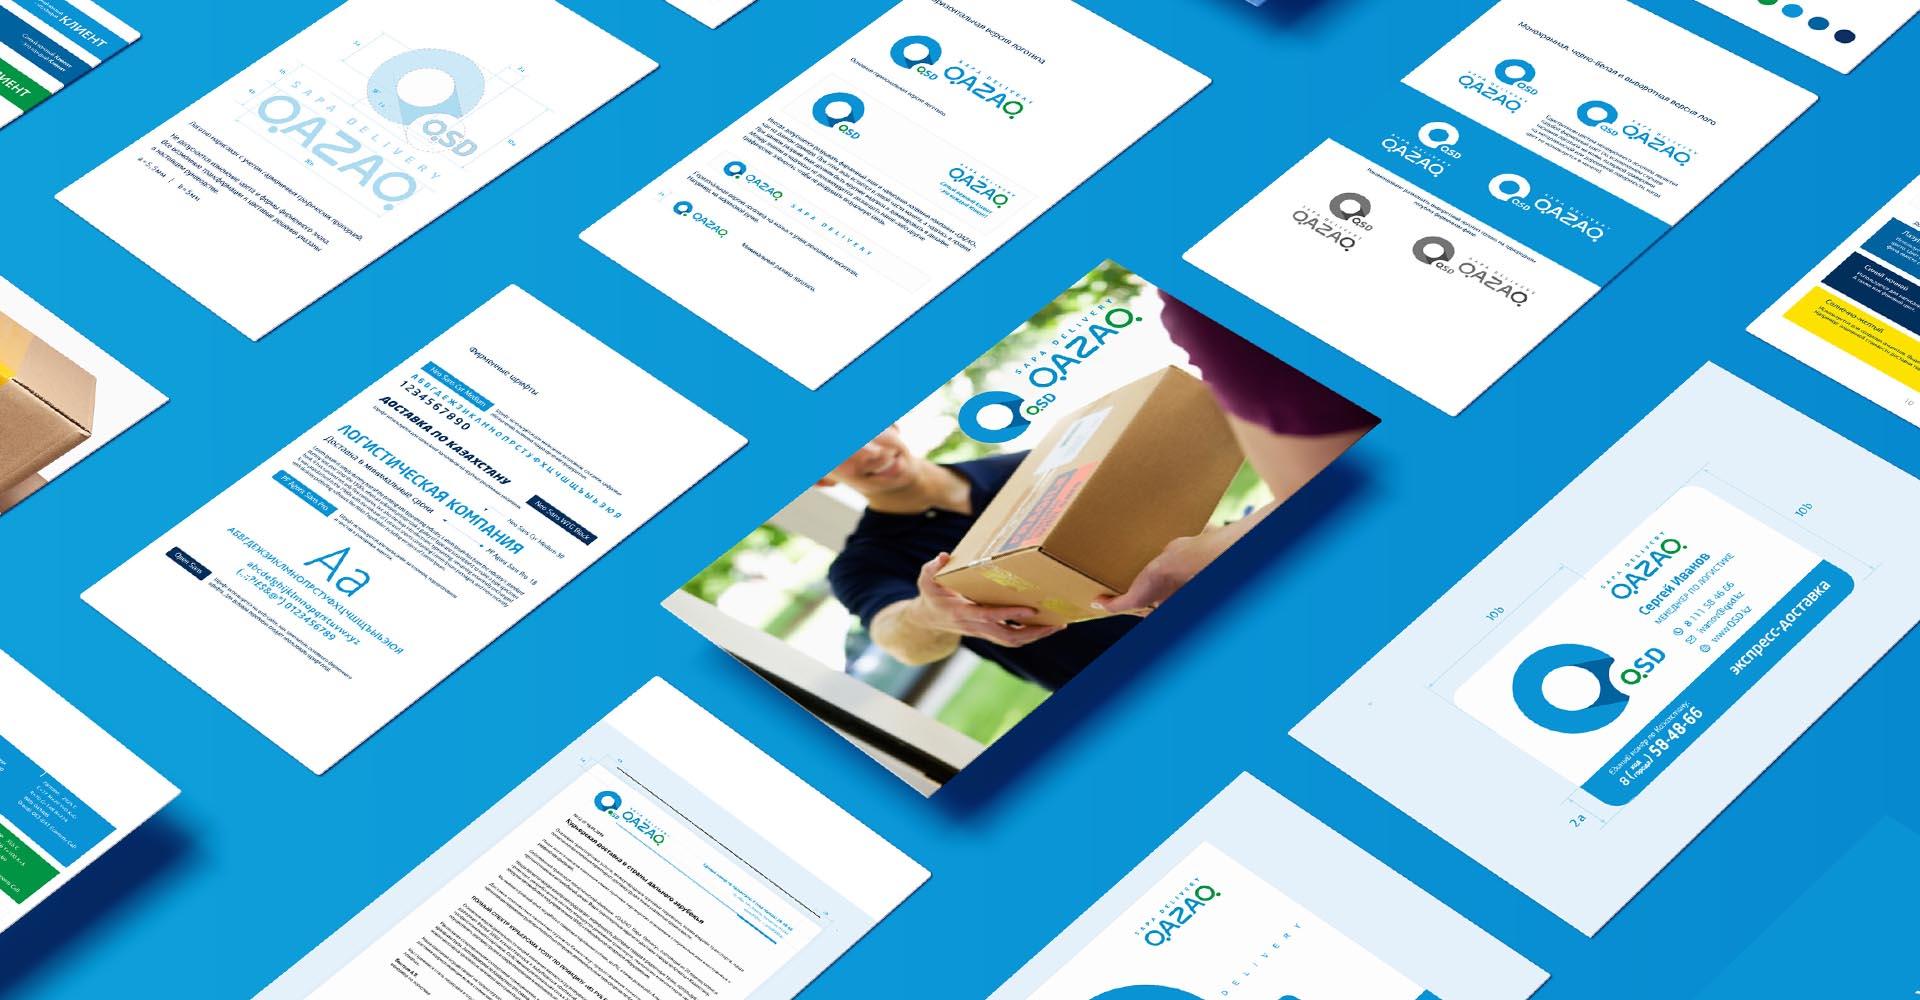 Брендбук логистической компании, службы доставки, Brand book for logistics company, delivery service, logo design.